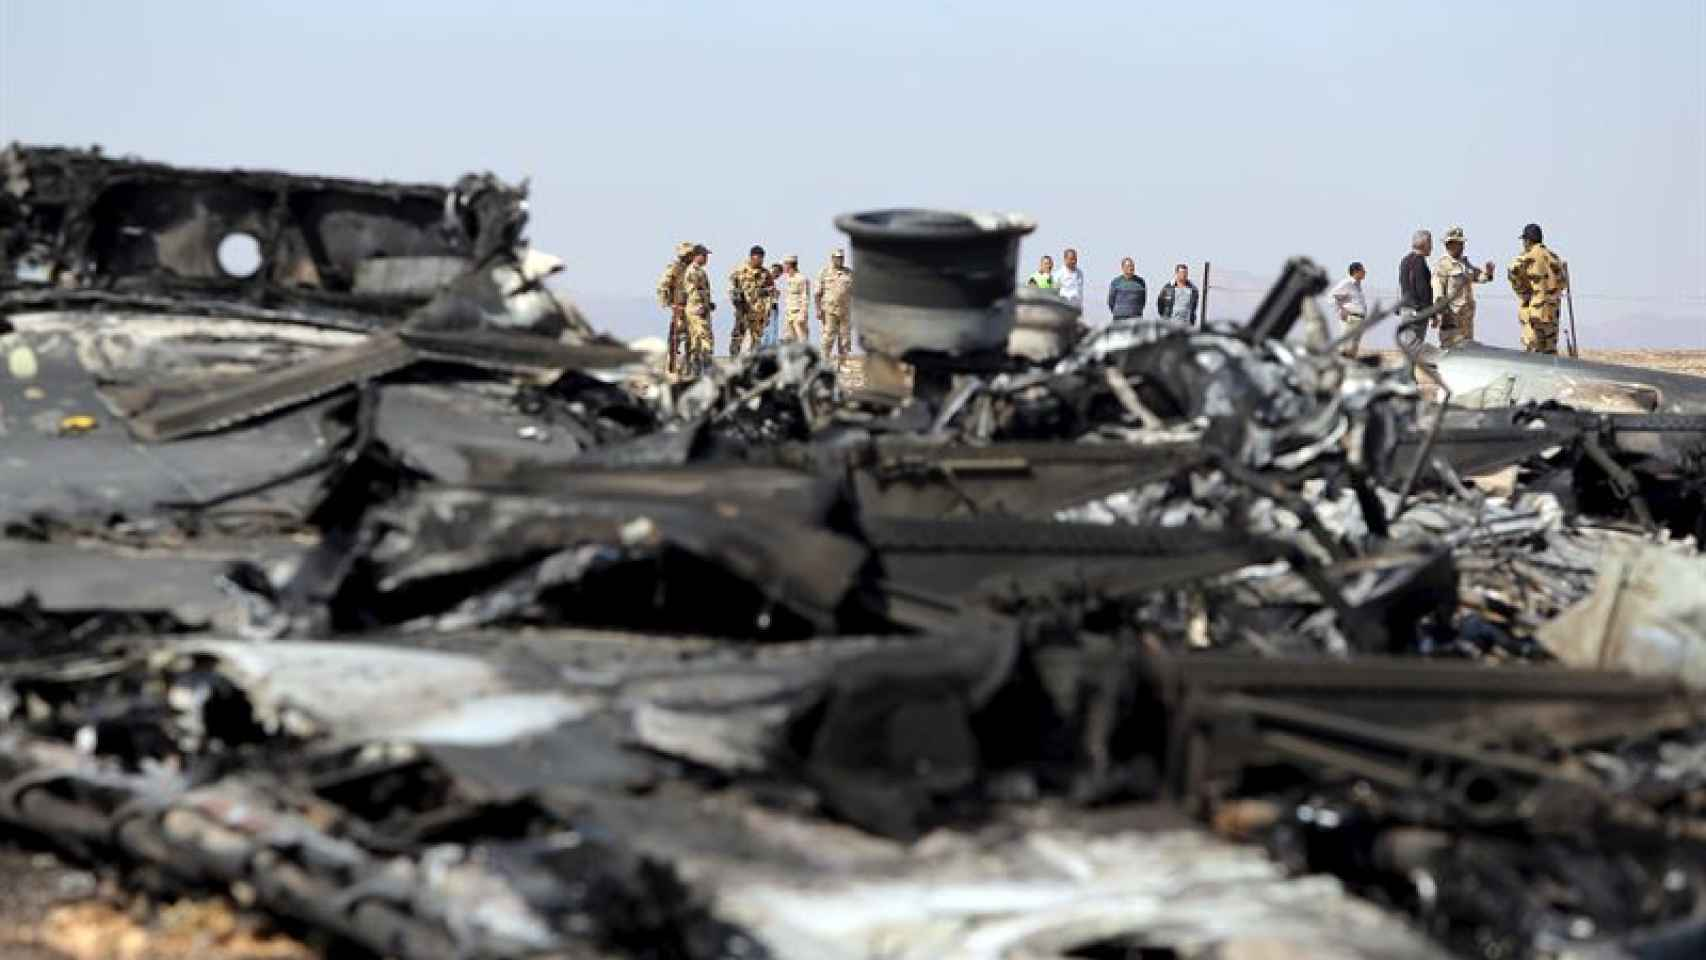 Restos del avión siniestrado en el desierto del Sinai.